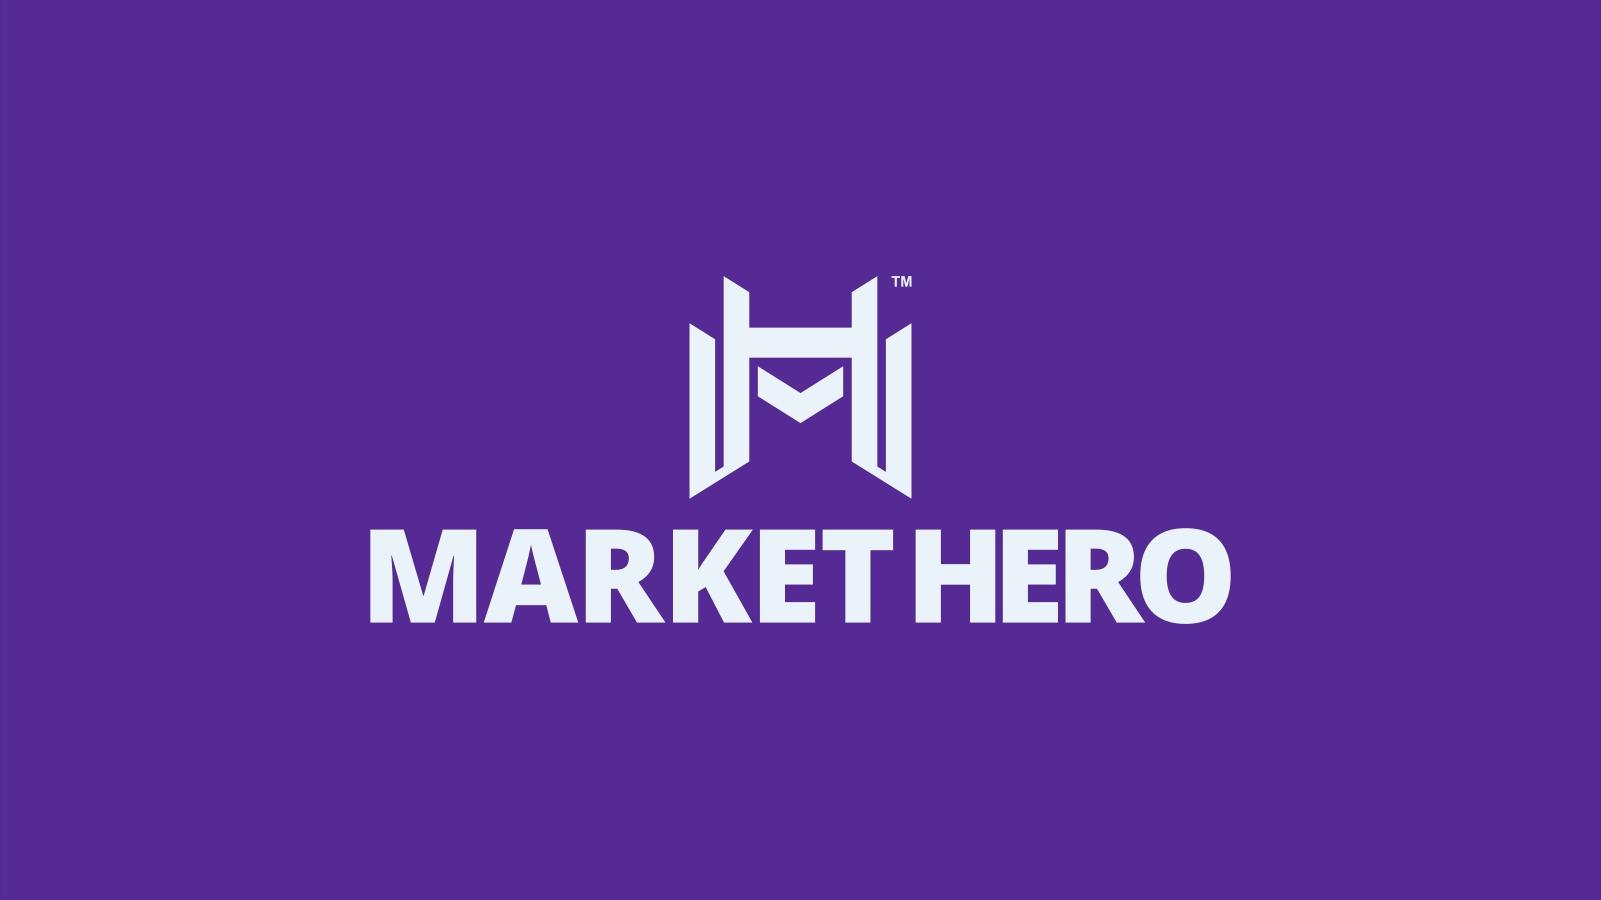 Market Hero Alternatives